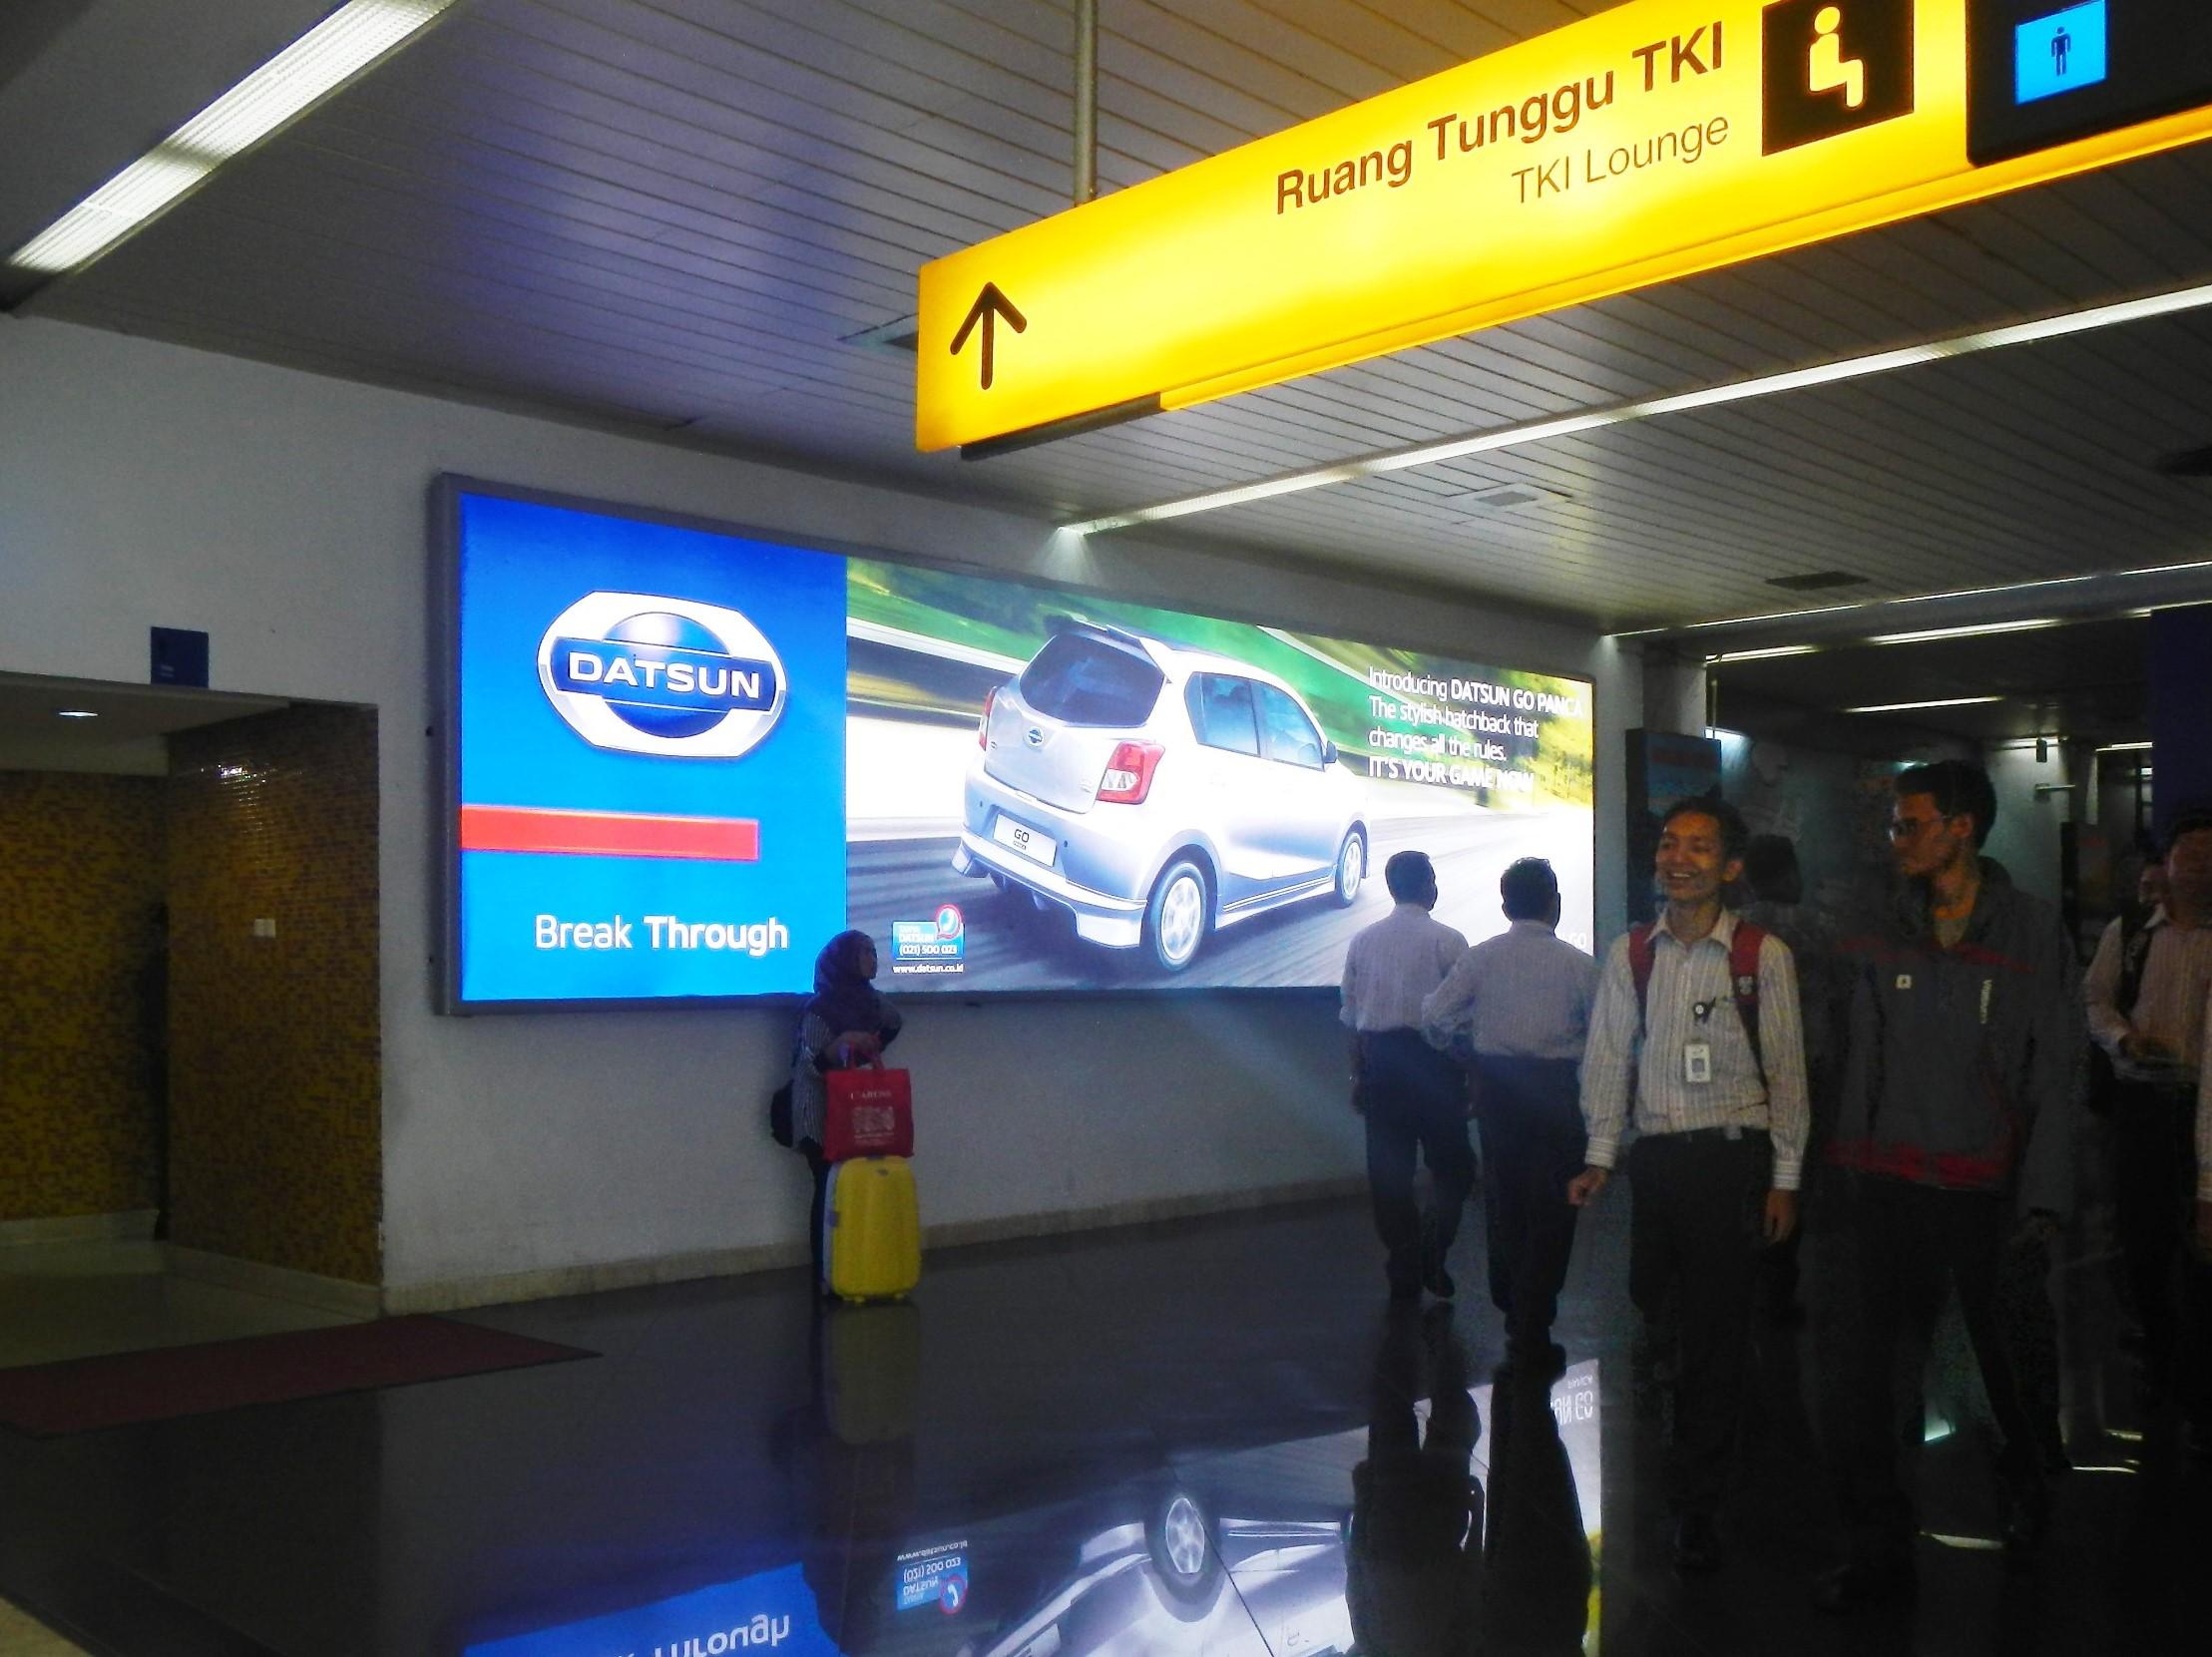 Lightbox Branding Datsun di Bandara Internasional Soekarno-Hatta